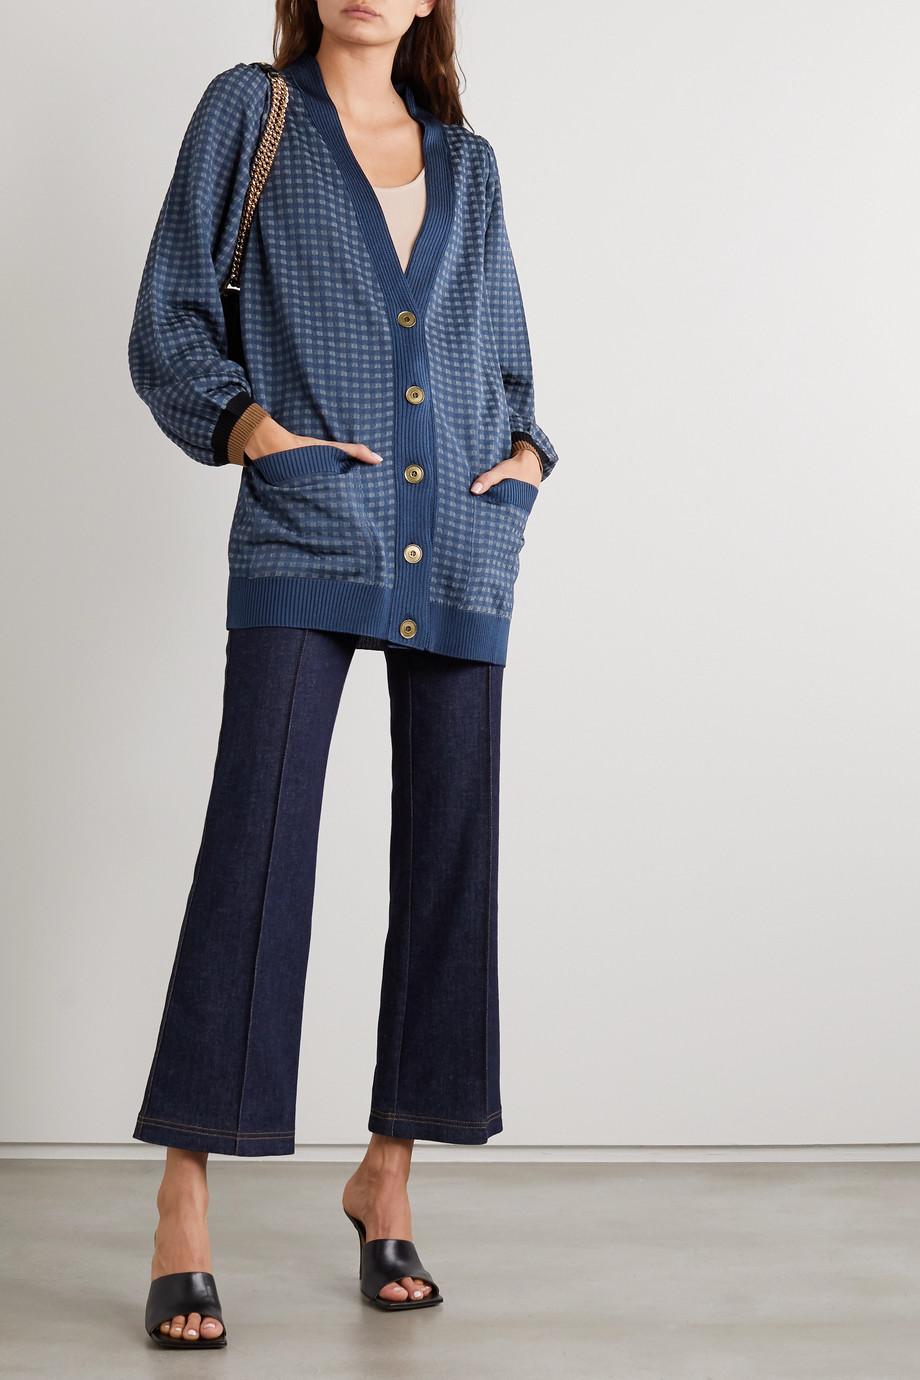 Fendi Cardigan en mailles jacquard de soie mélangée à carreaux